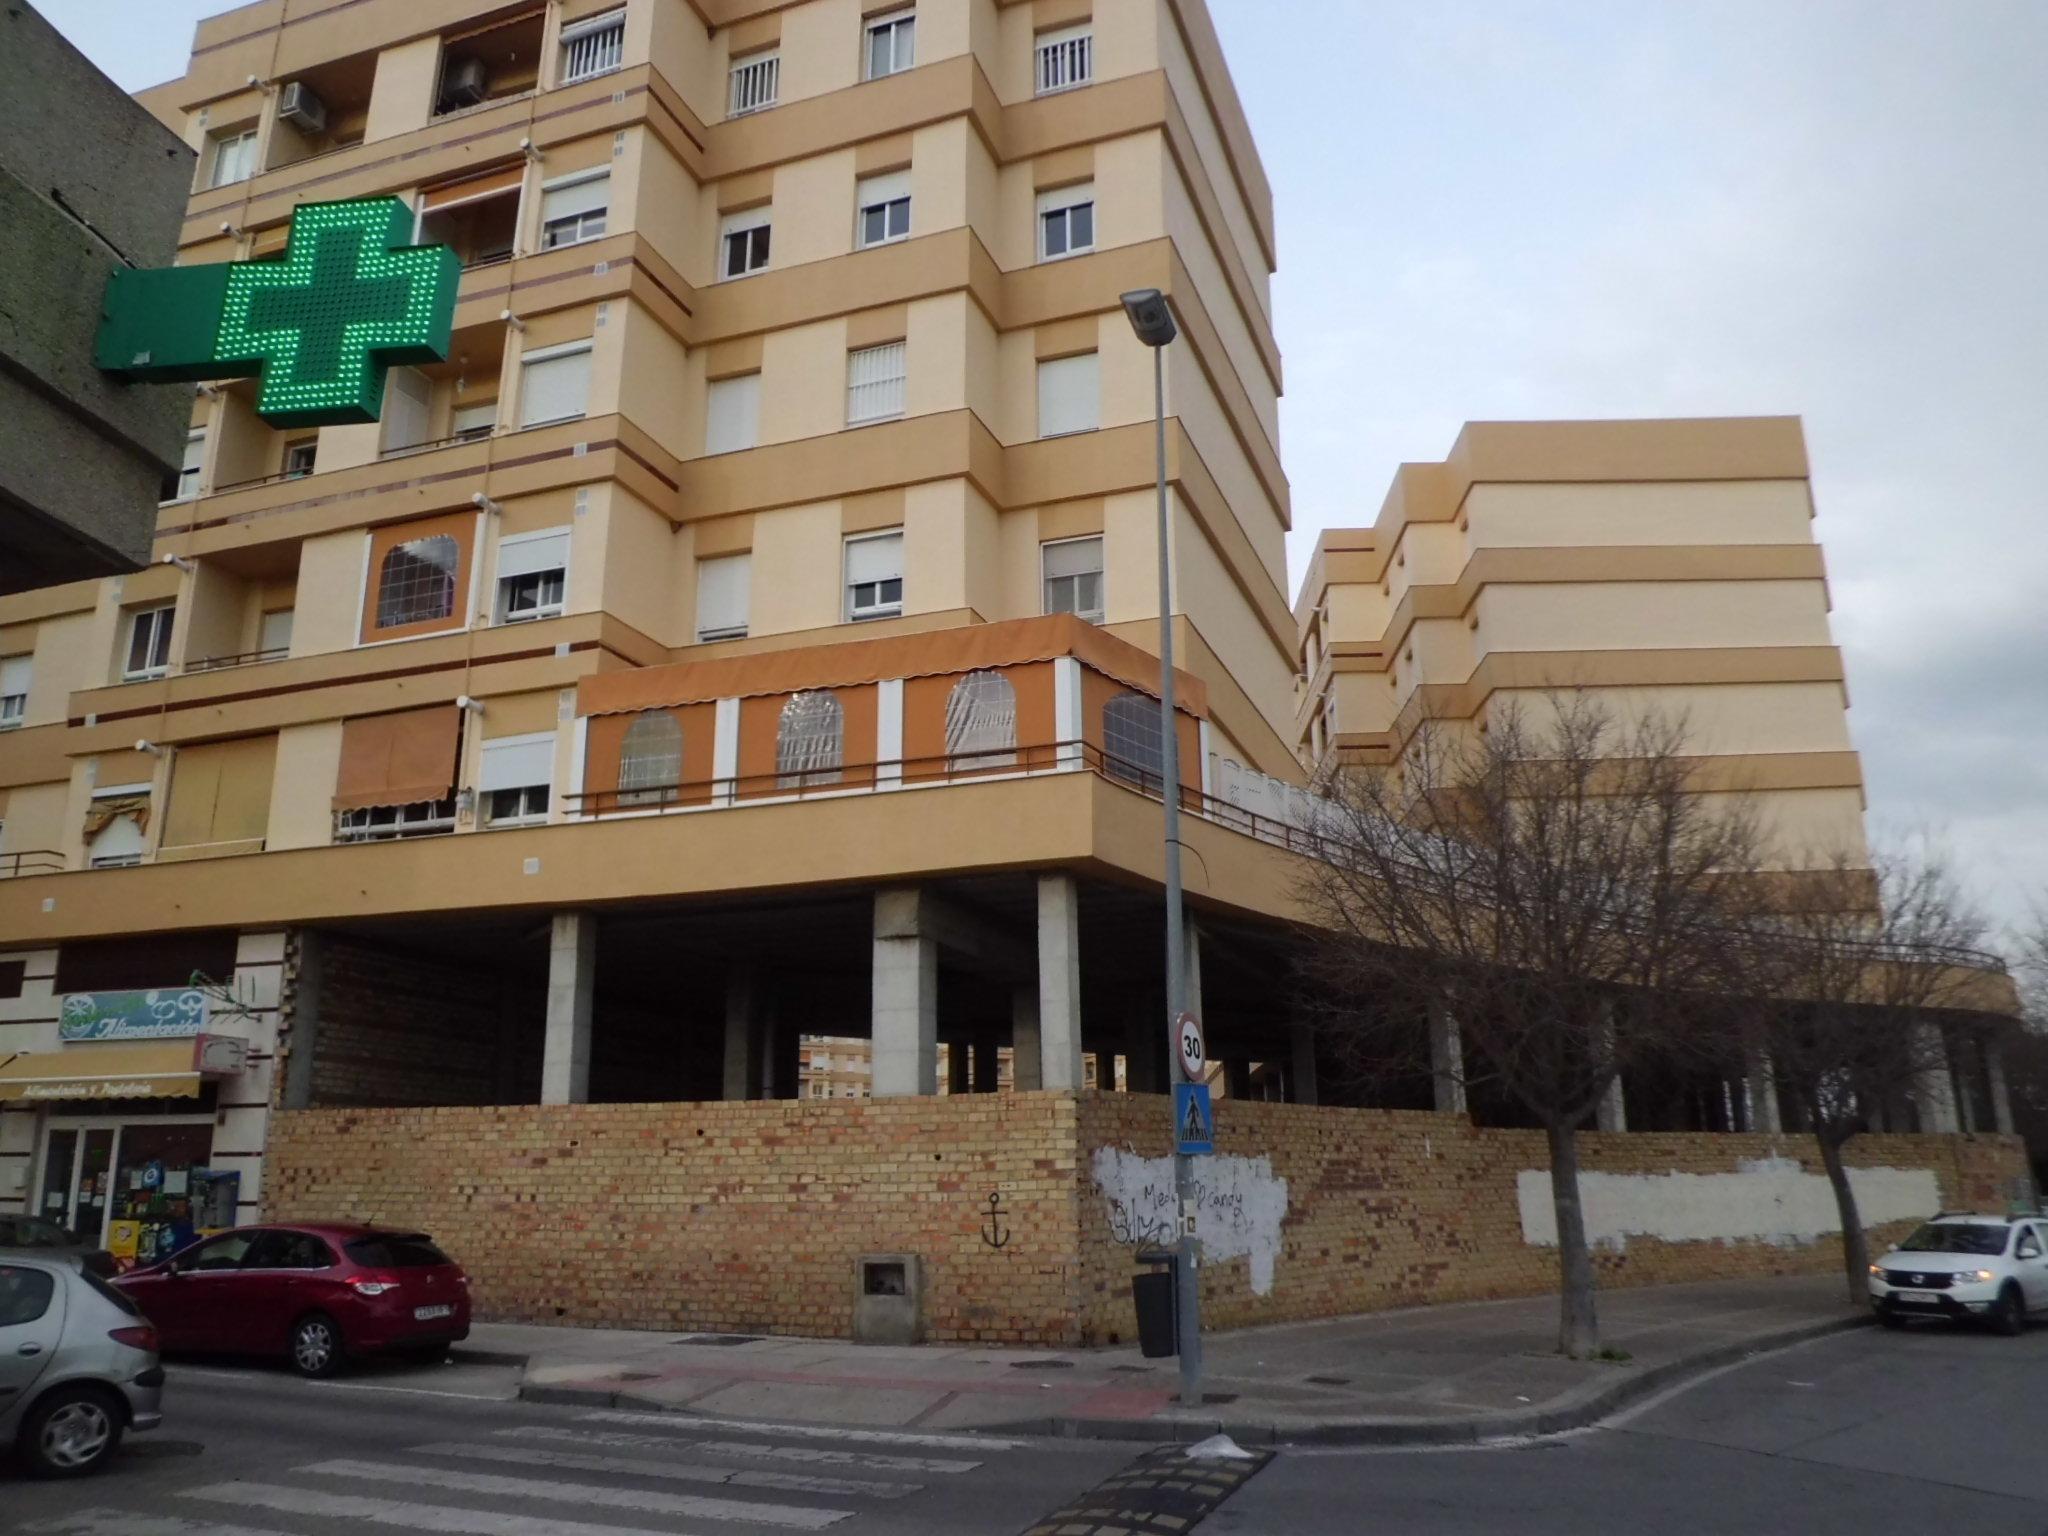 Local en venta en Guadalcacín, Jerez de la Frontera, Cádiz, Calle San Marino, 498.100 €, 564 m2